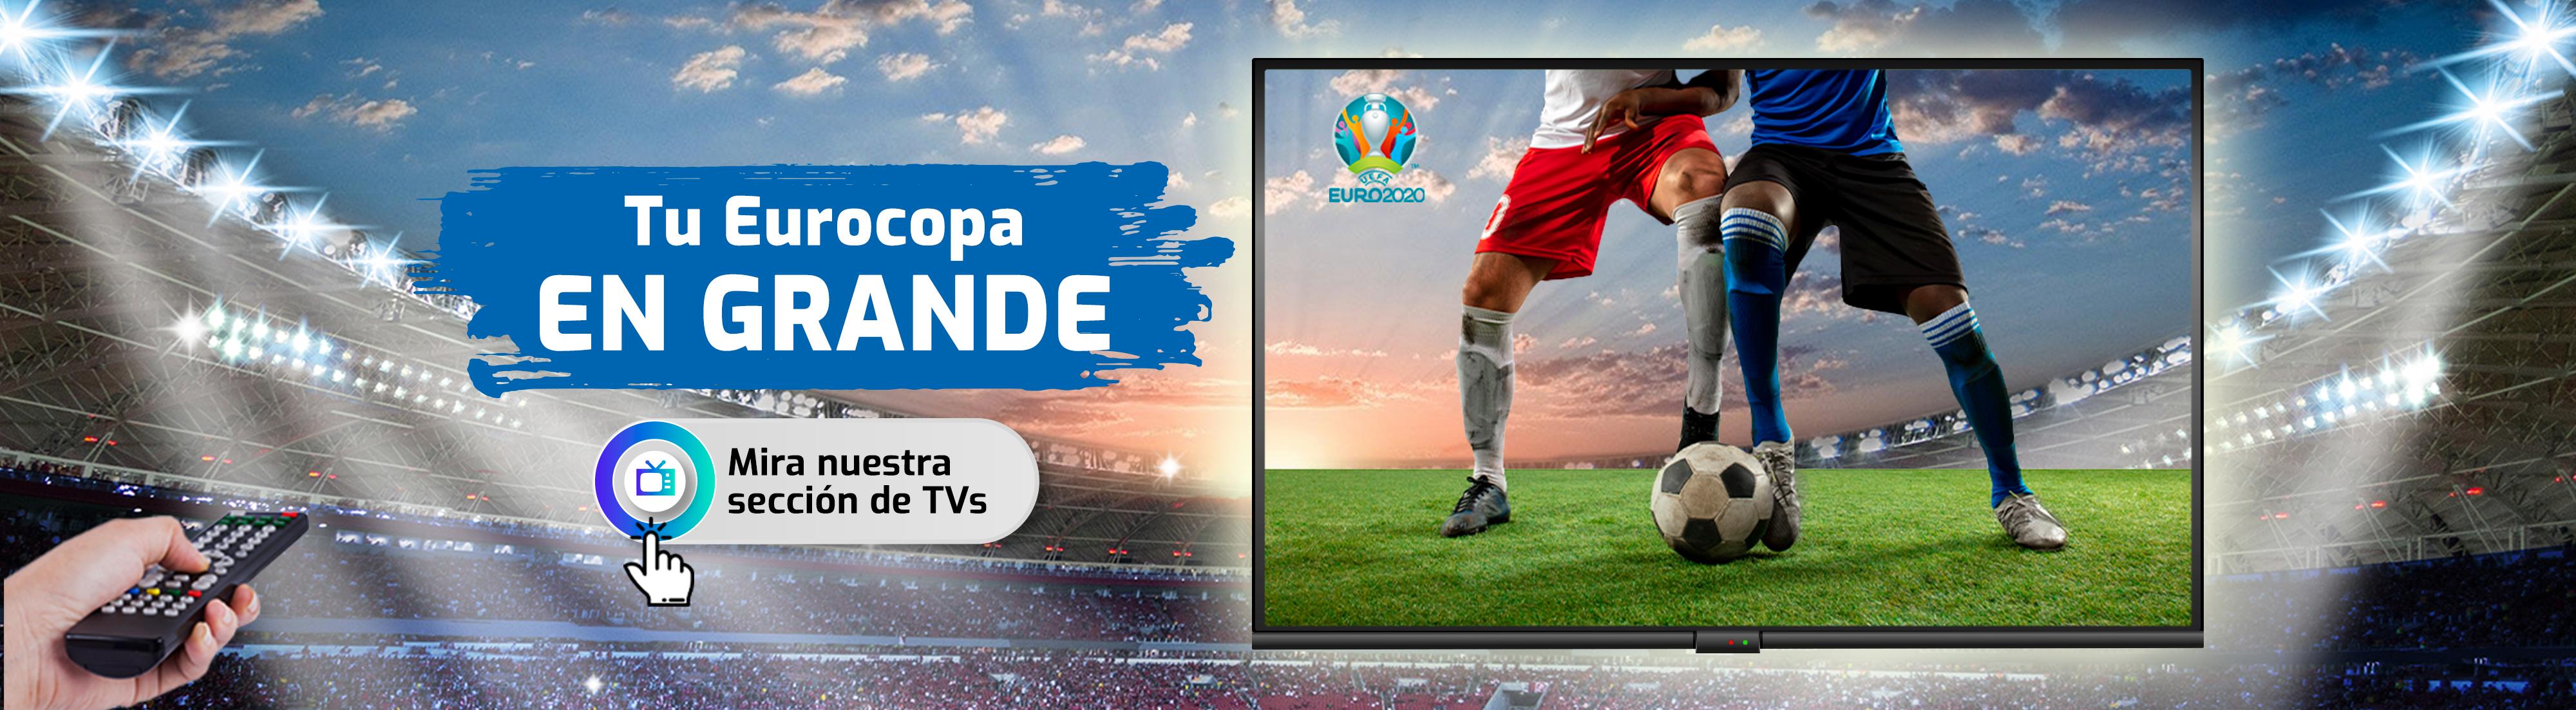 Disfruta esta Eurocopa a lo grande